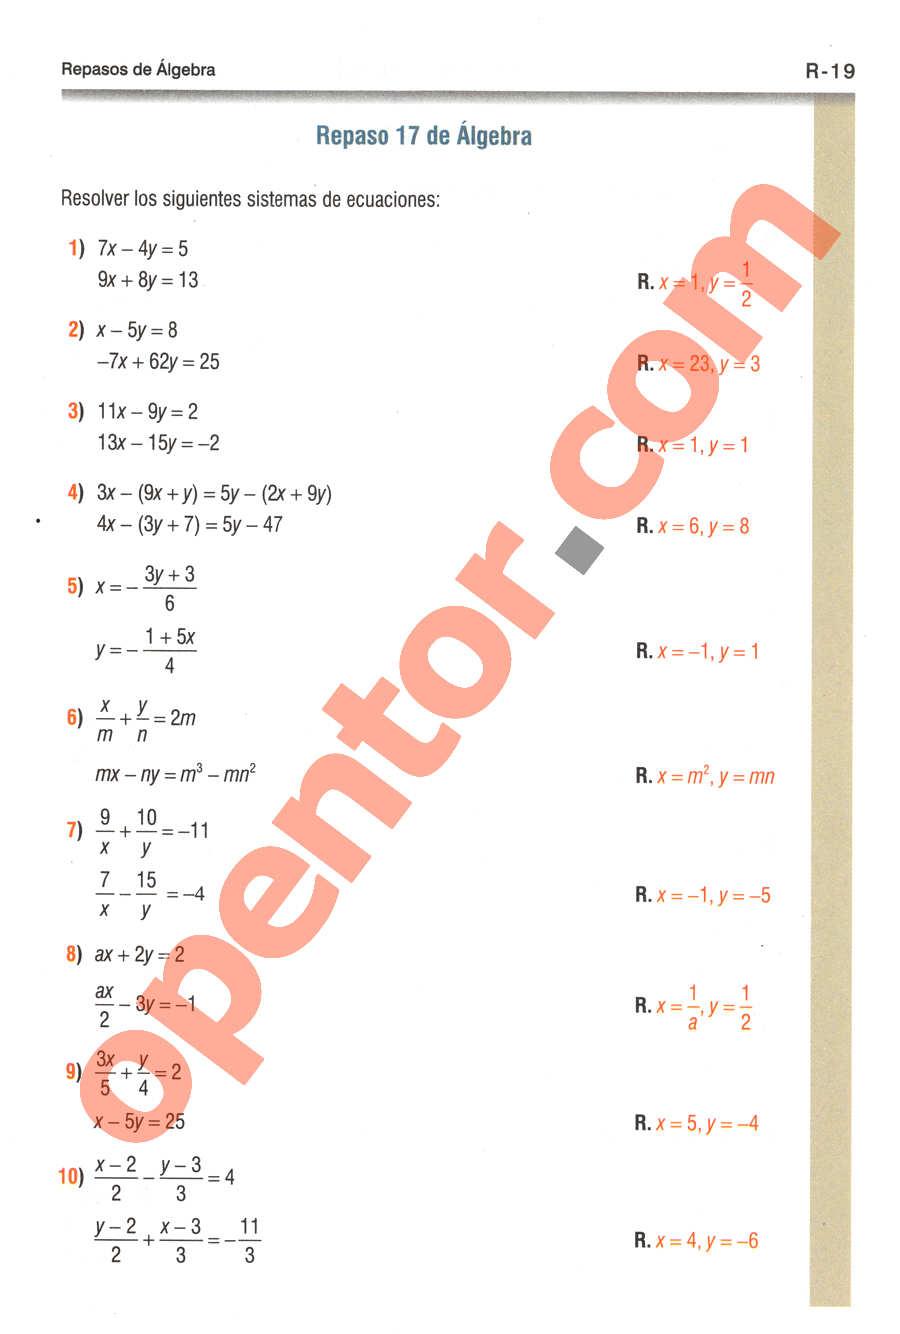 Geometría y Trigonometría de Baldor - Página R19